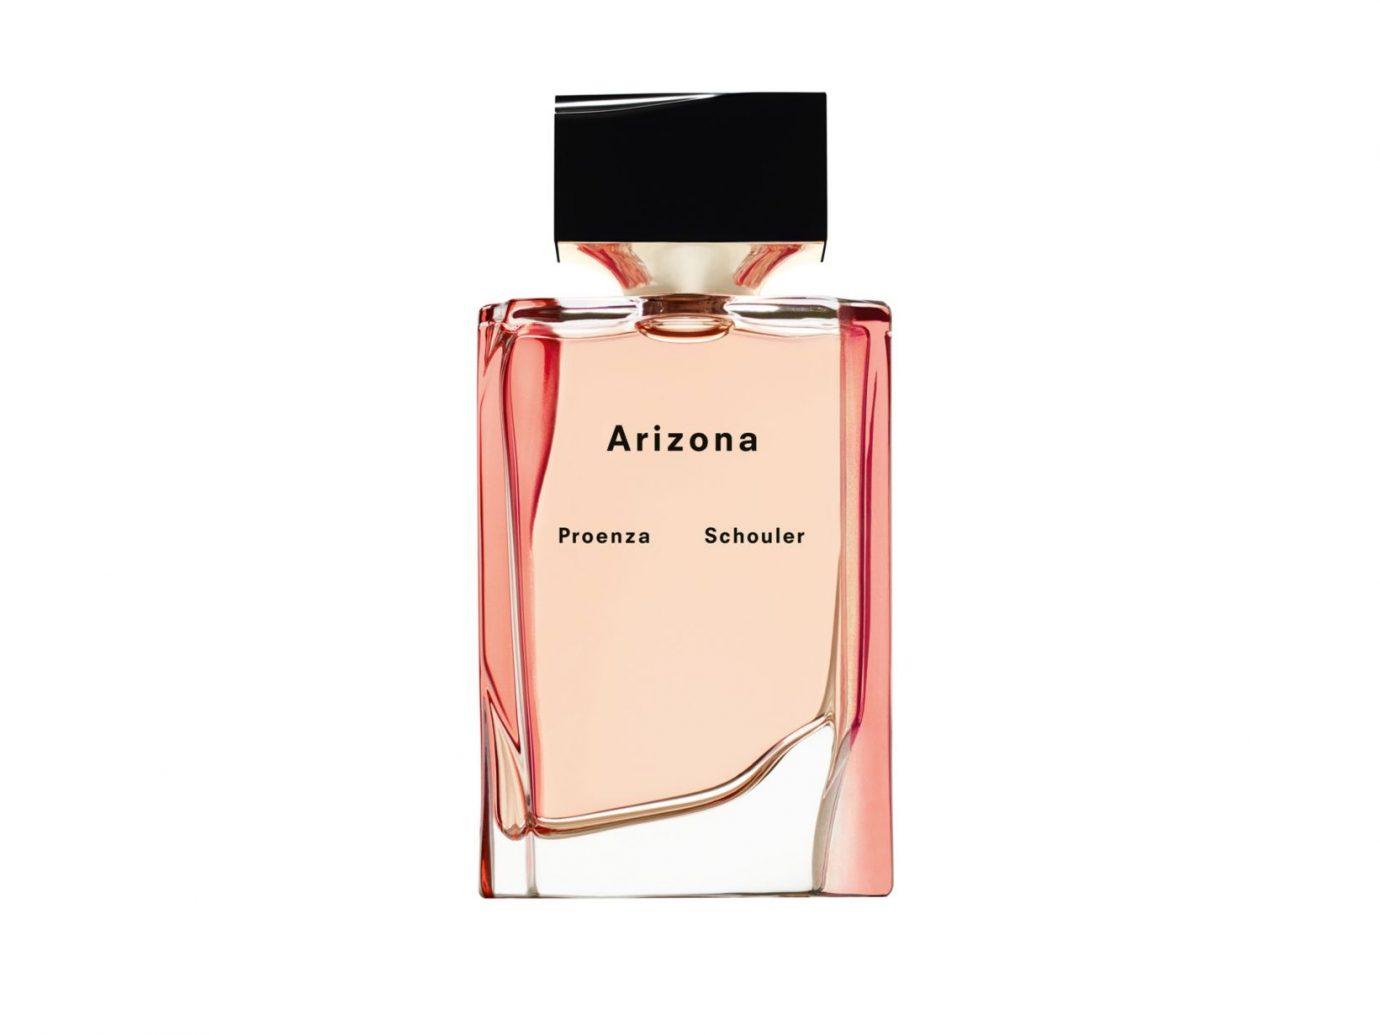 Best Perfumes, Proenza Schouler Arizona Eau de Parfum